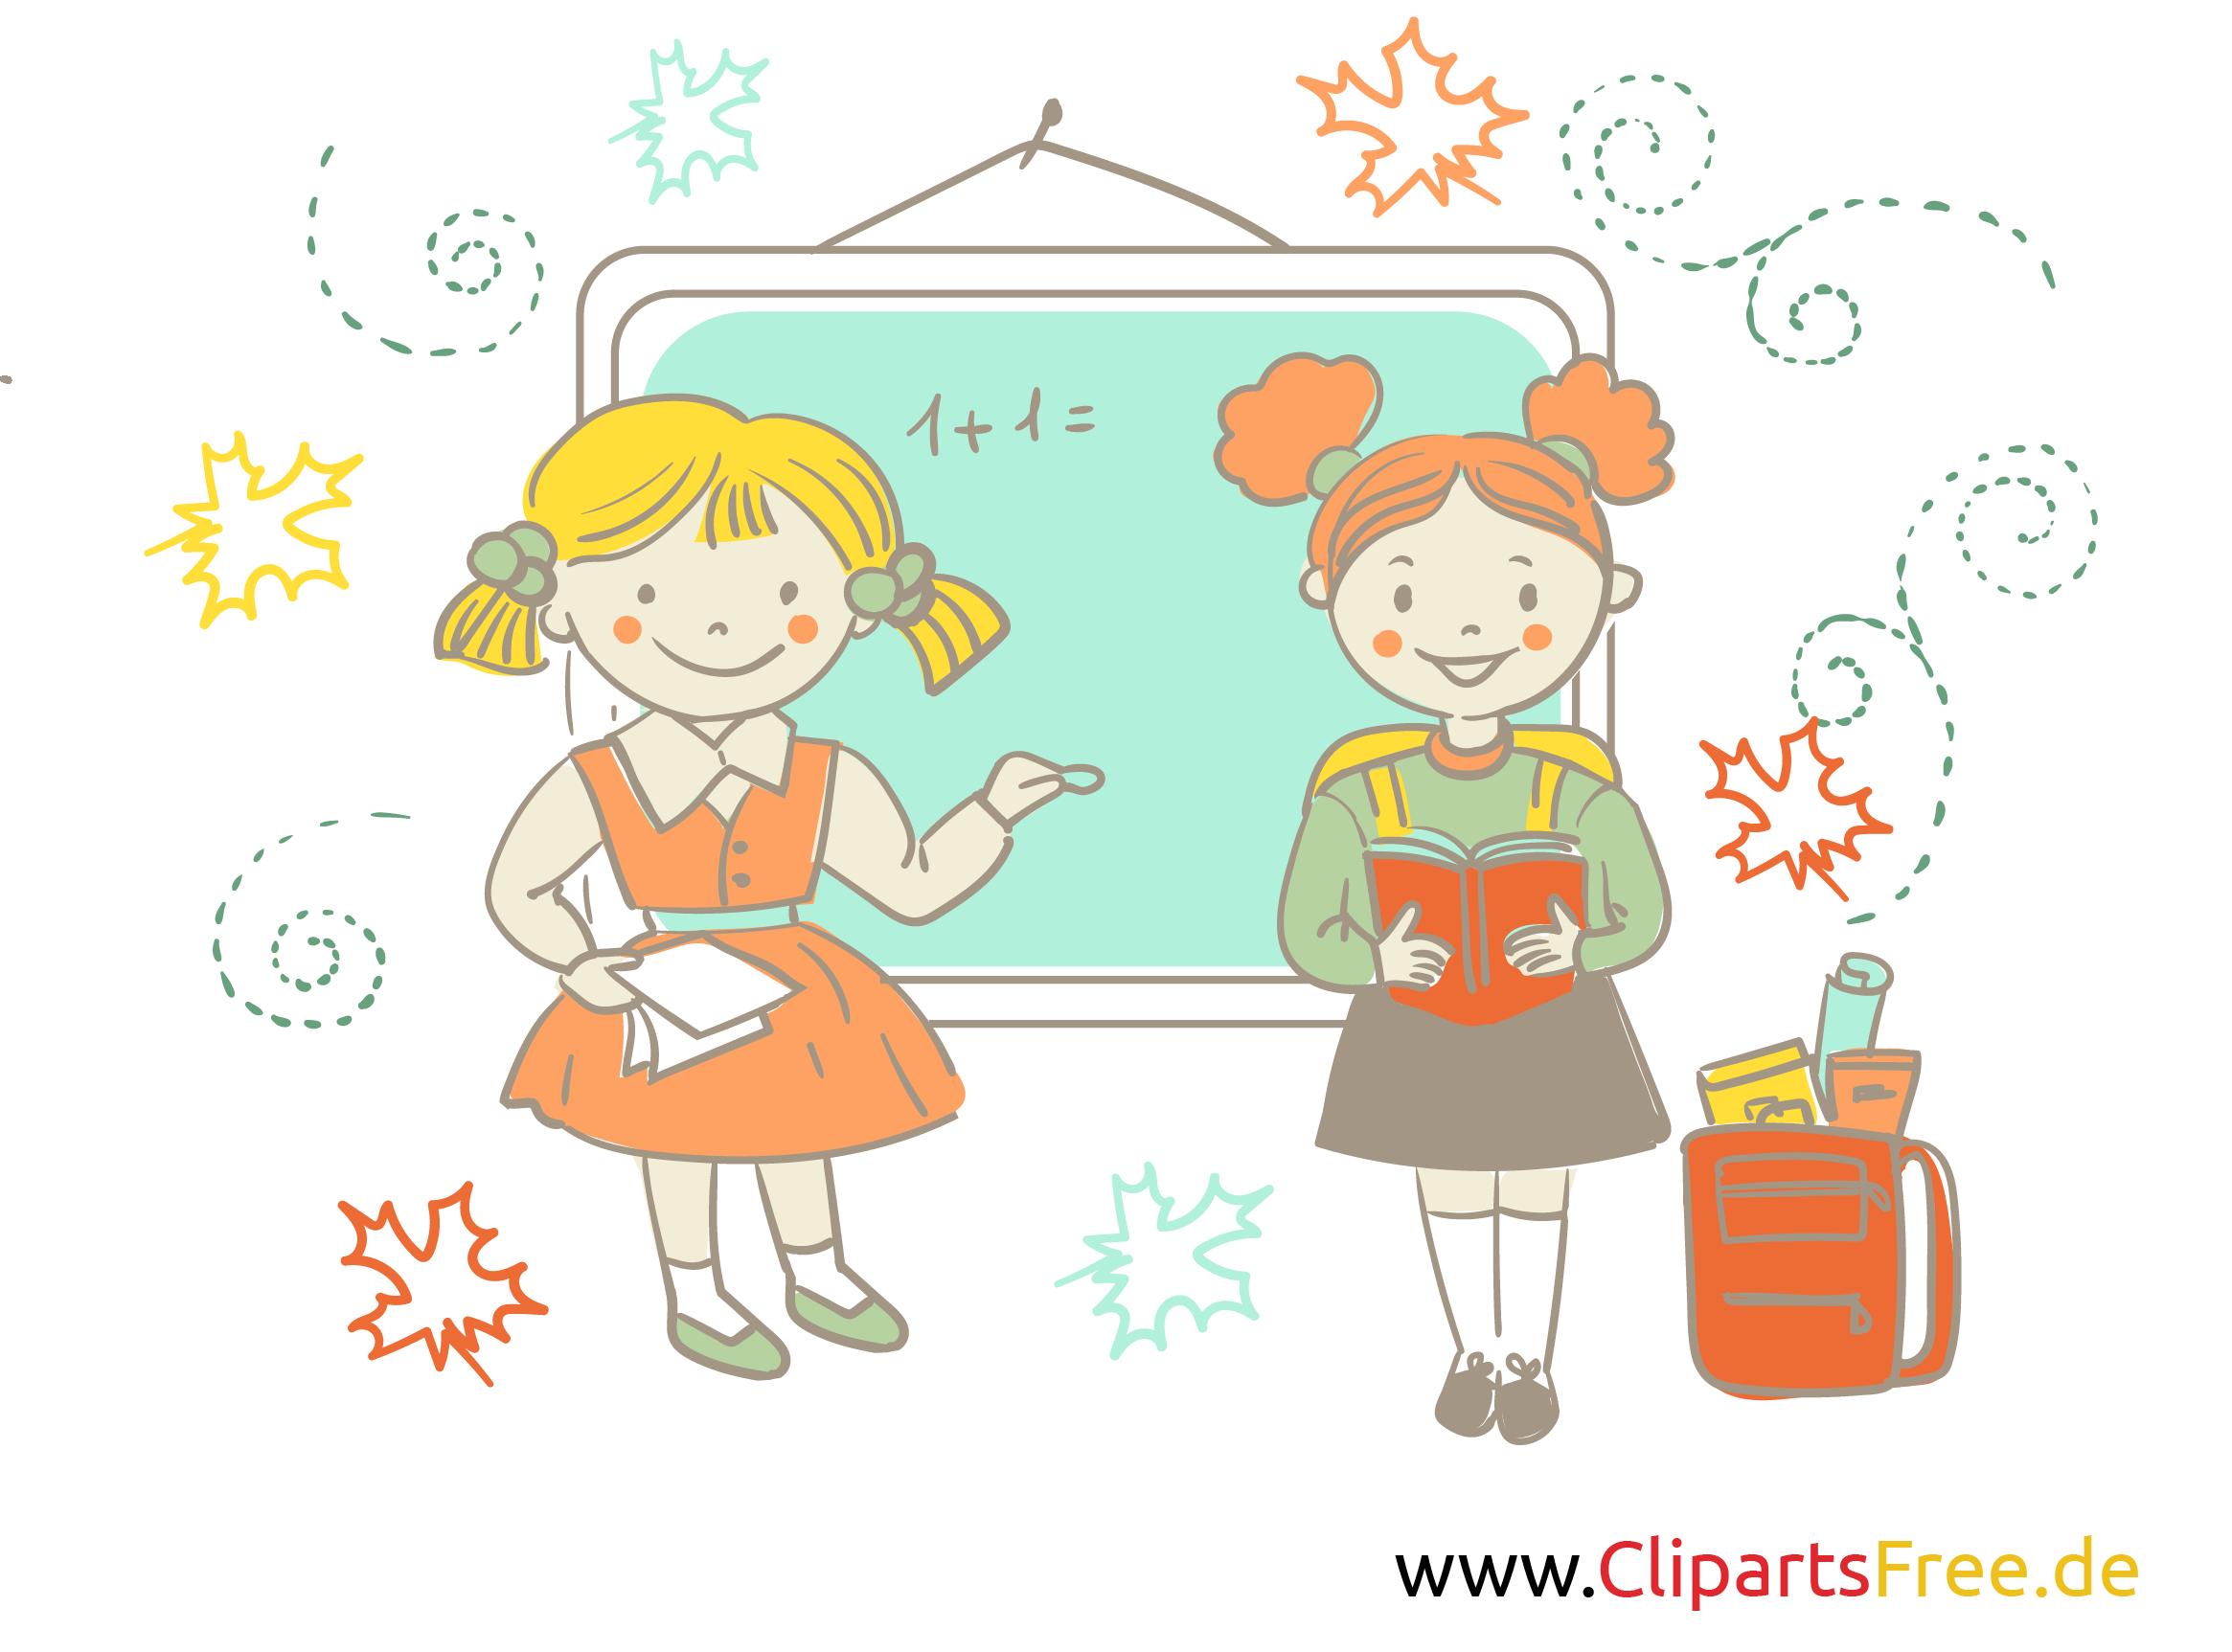 Bilder für Schule und Unterricht - Grüne Tafel